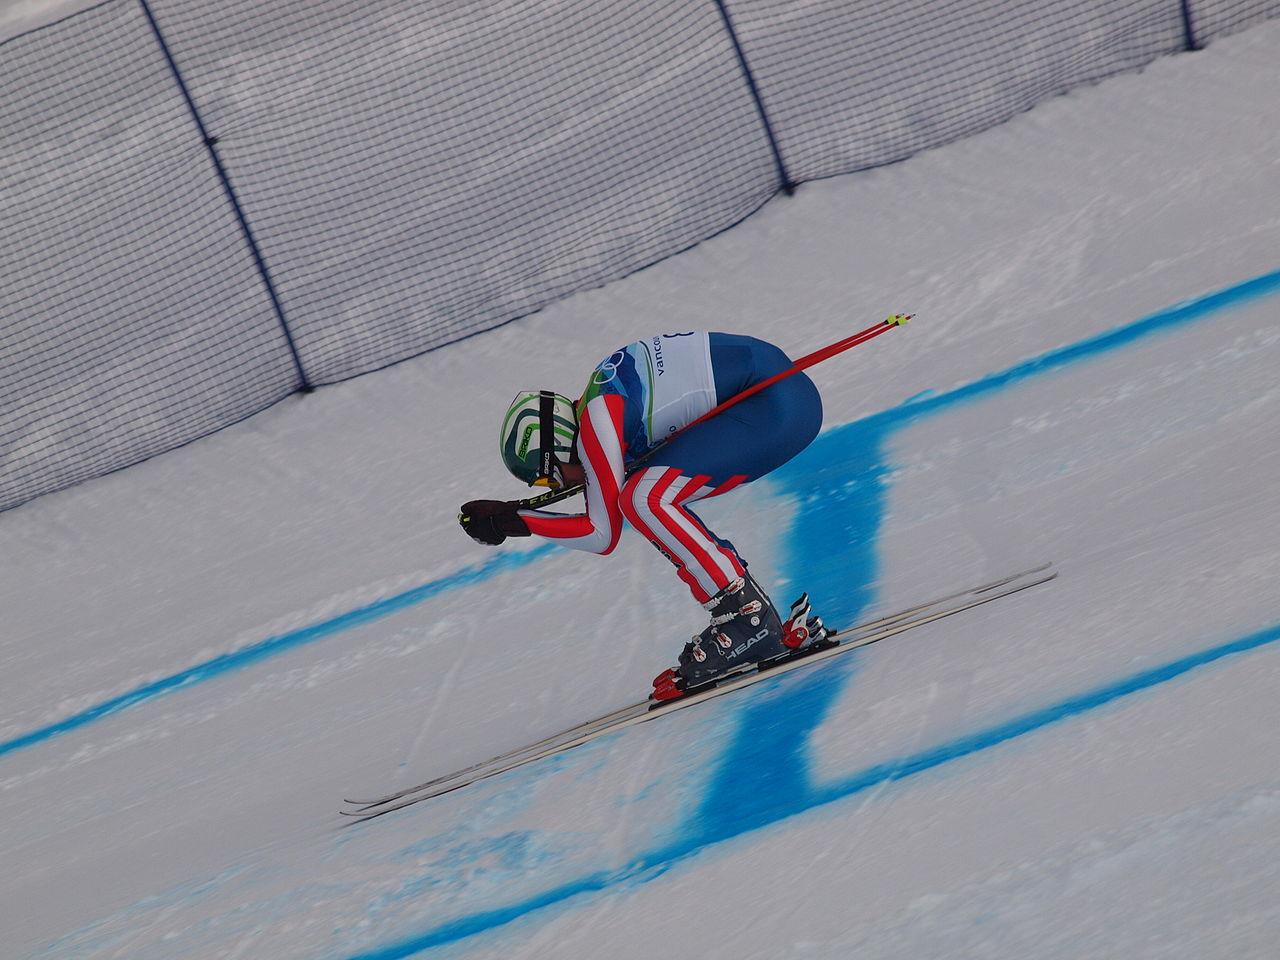 W weekend w austriackim Soelden rozpoczyna się sezon 2018/19 Pucharu Świata w narciarstwie alpejskim